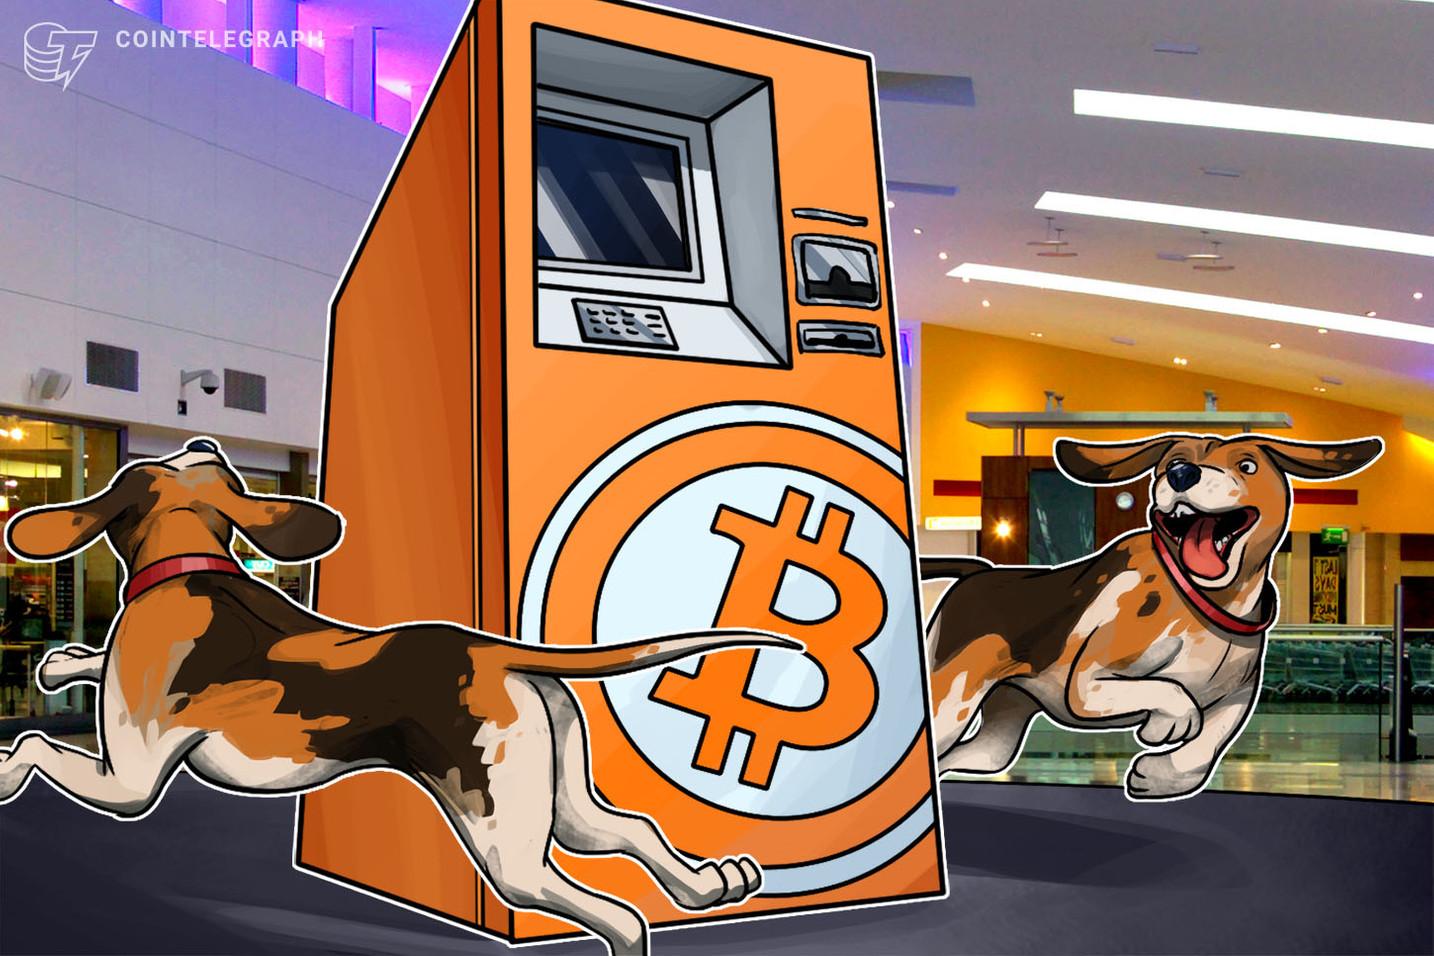 Deutschland hat jetzt einen zweiten Bitcoin-Geldautomaten